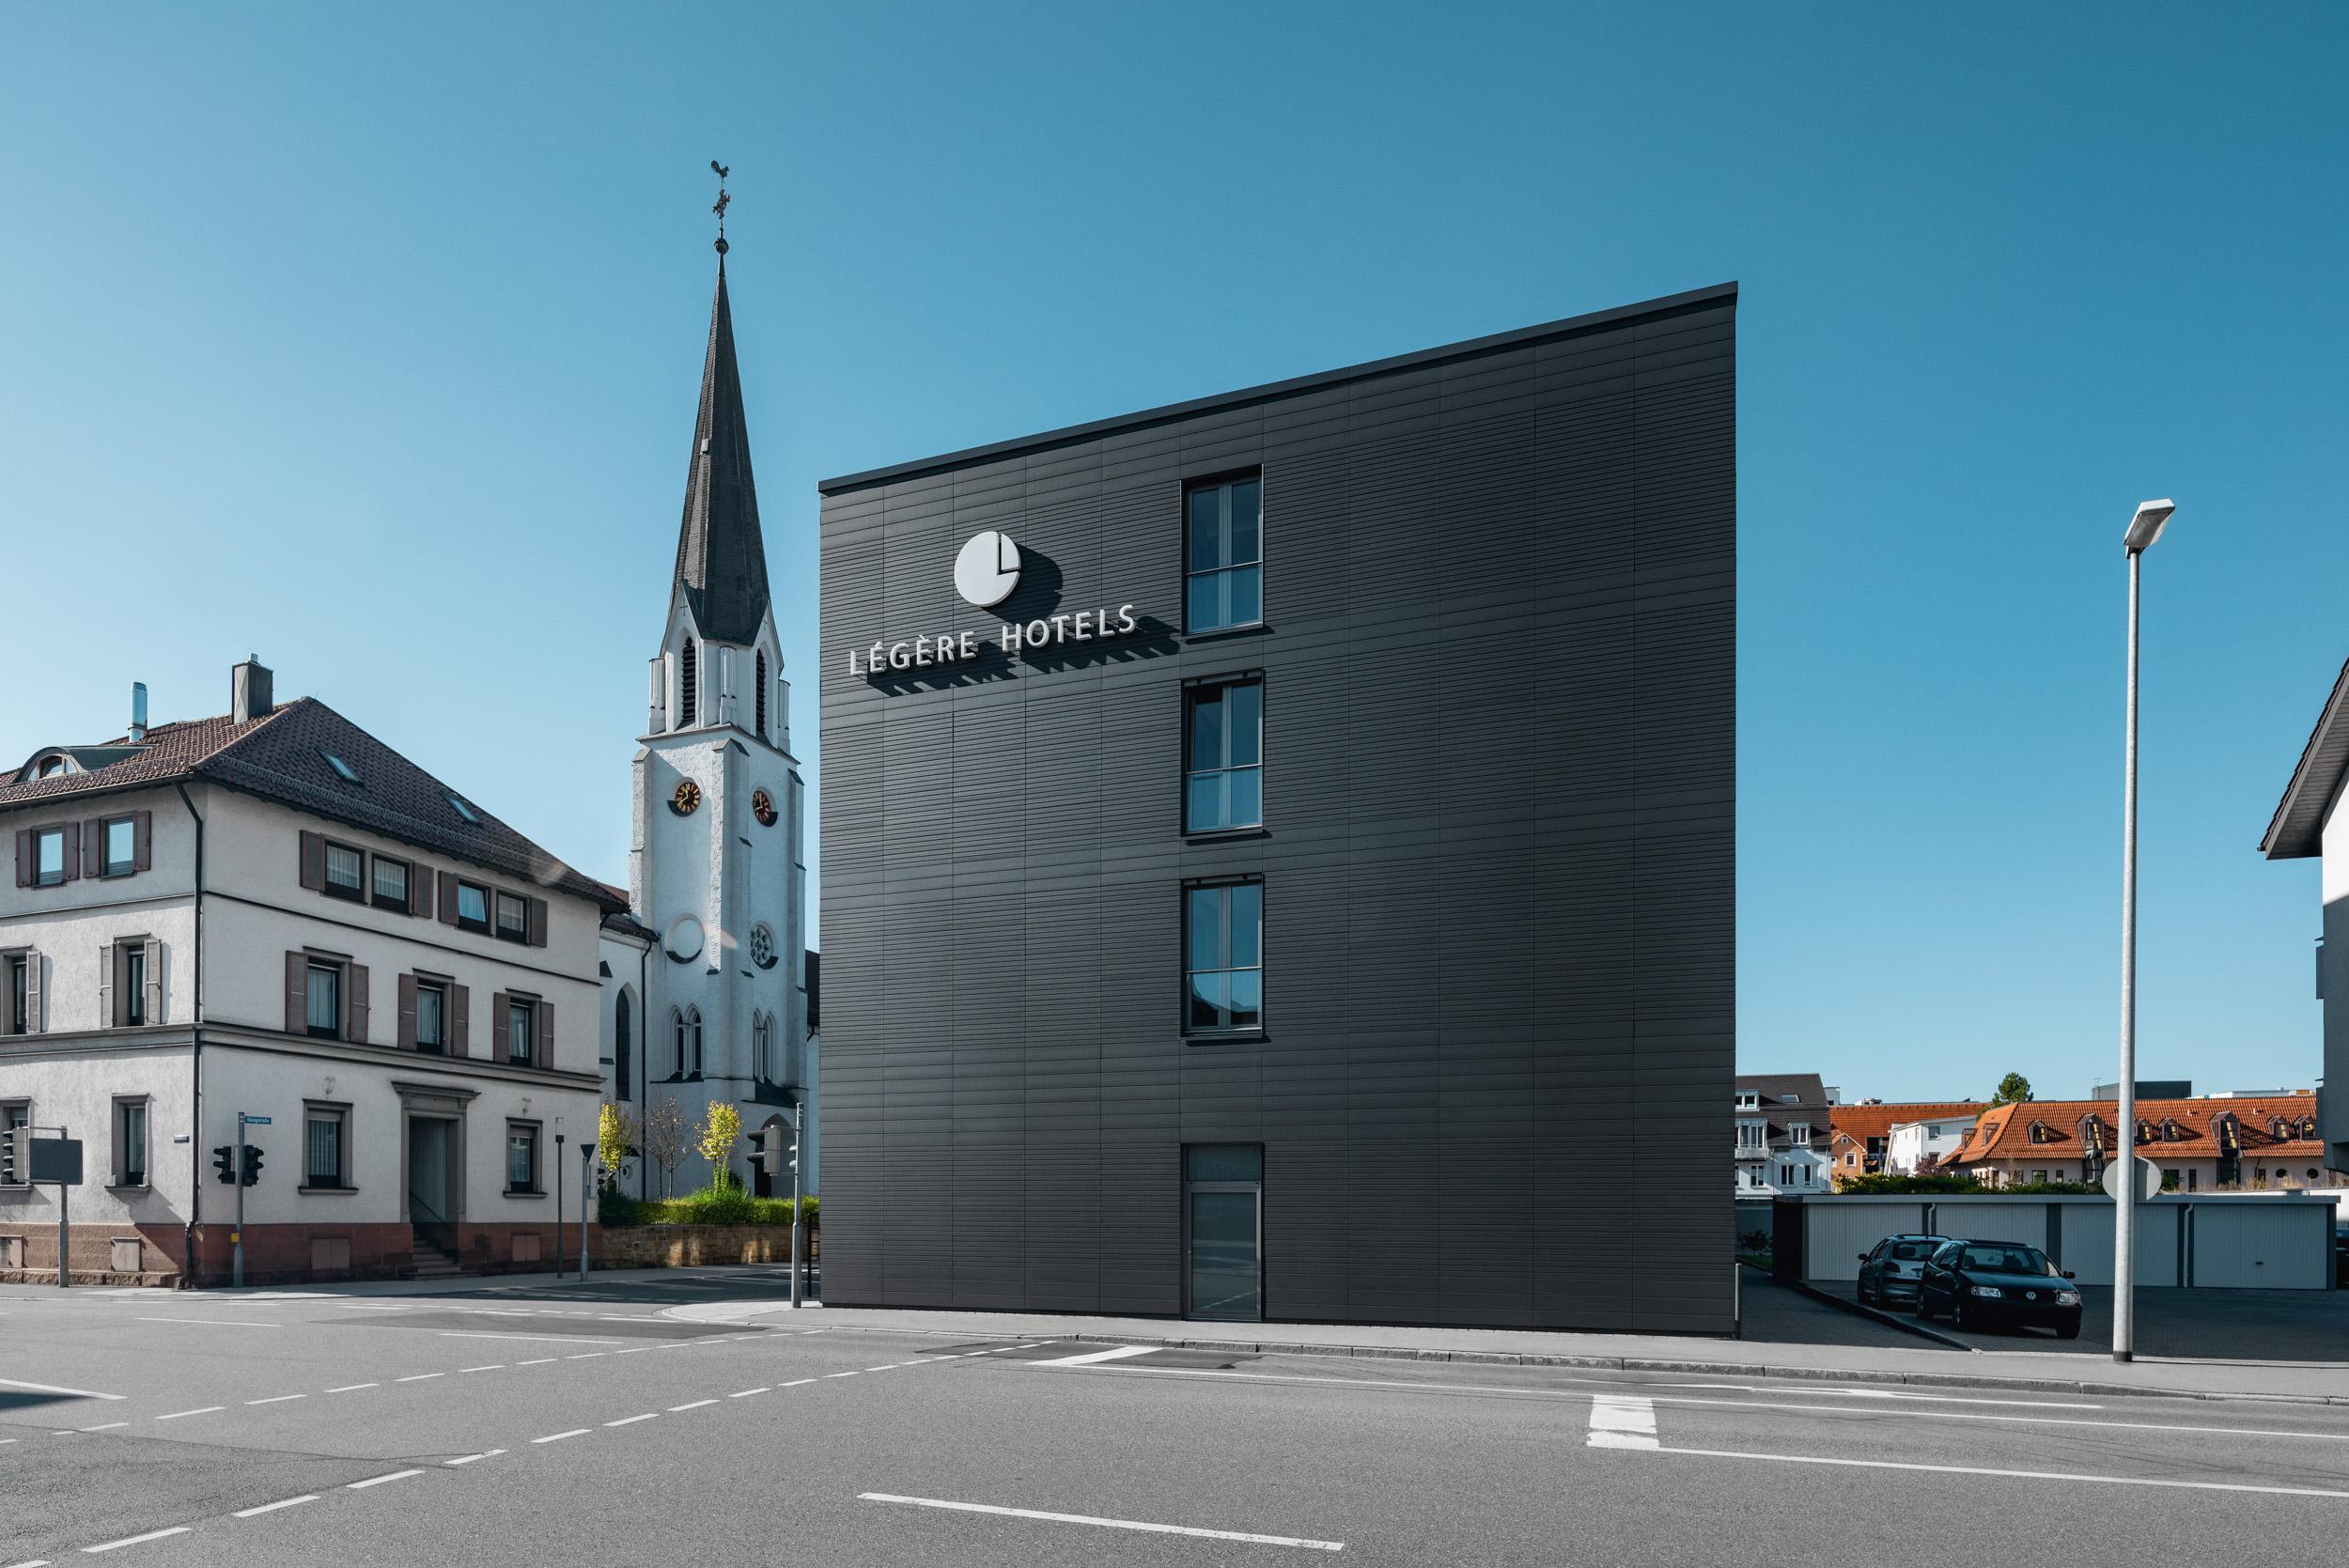 Gustav-Epple-Bauunternehmung-Legere-Hotel-Tuttlingen-MLX8415